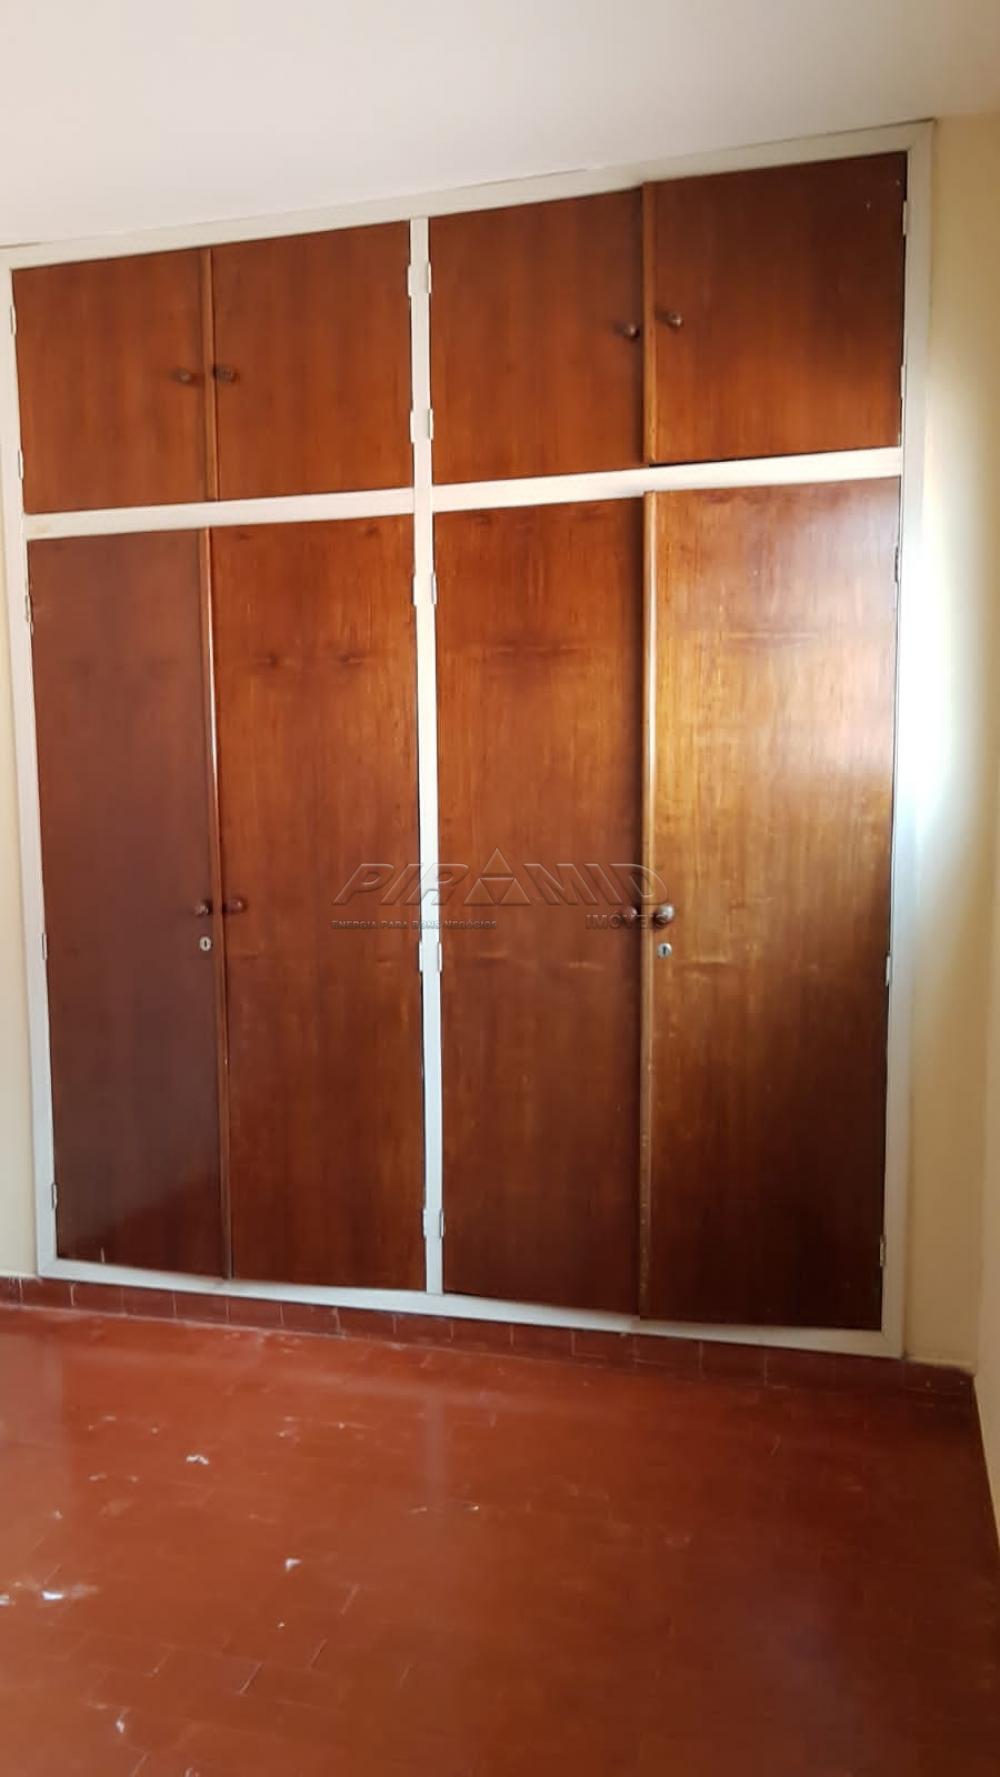 Comprar Casa / Padrão em Ribeirão Preto R$ 850.000,00 - Foto 38